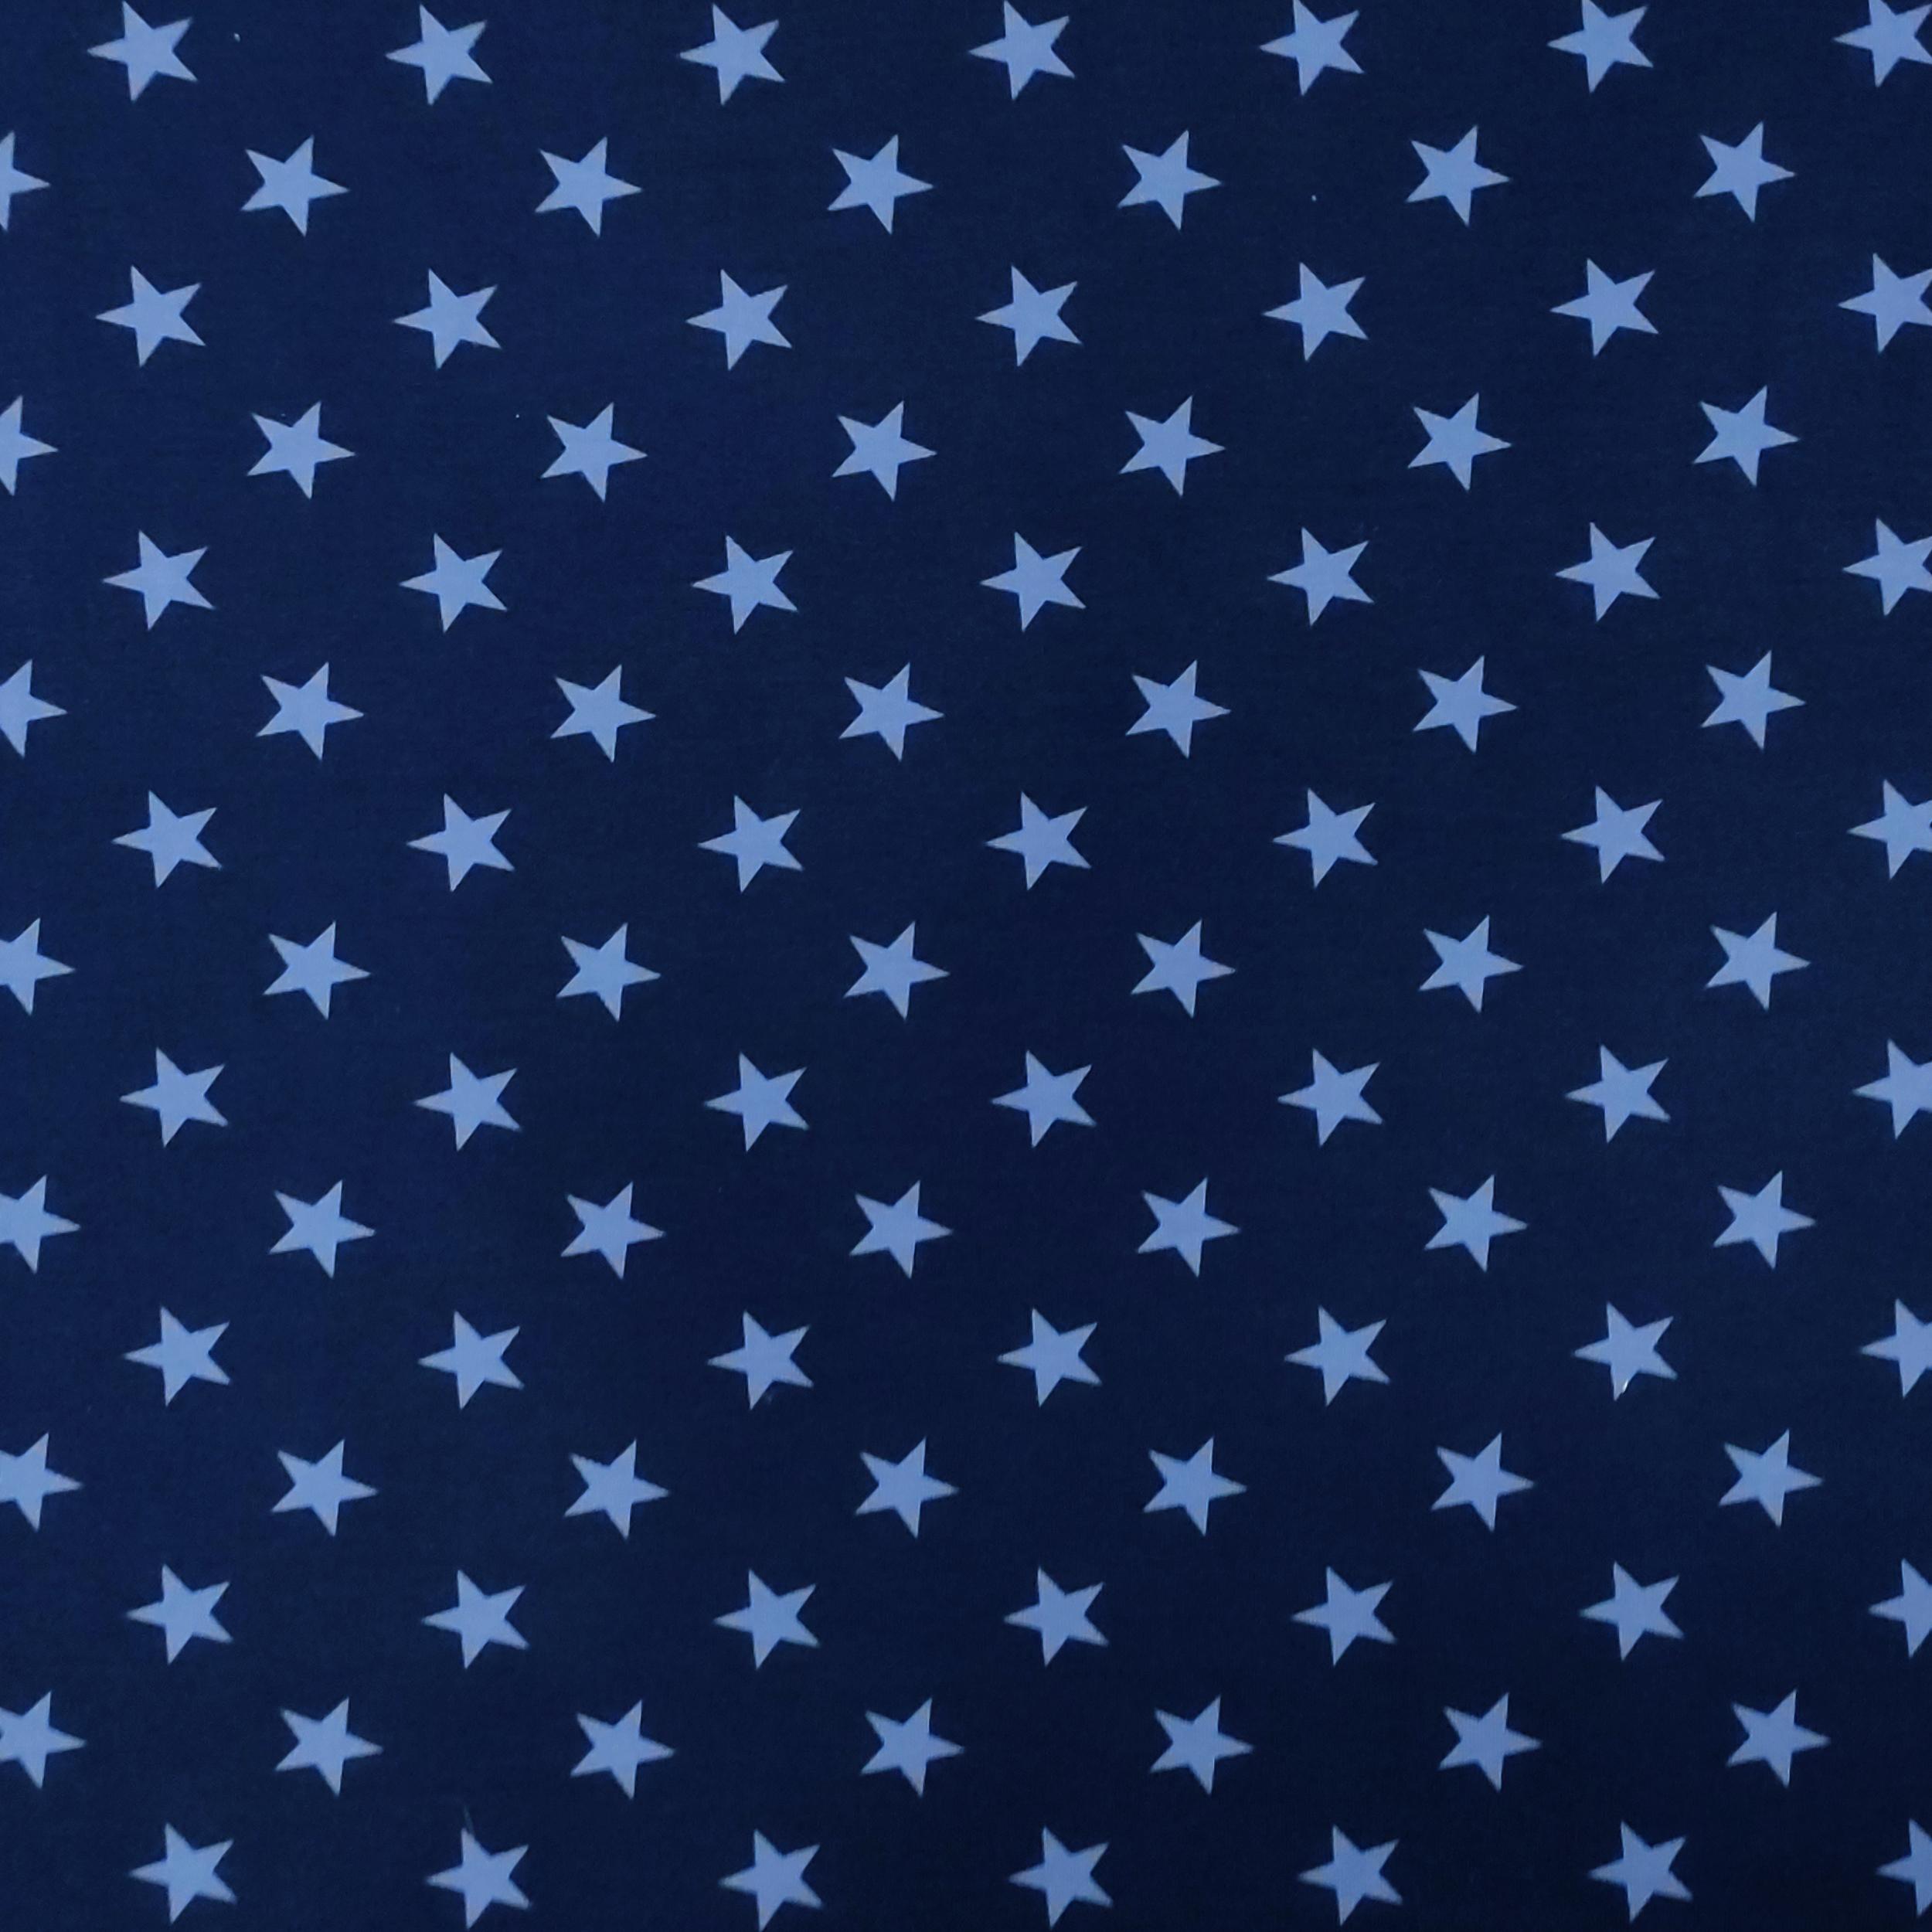 Tessuto Felpa di Cotone Estiva con Stelle  Blu/Celeste